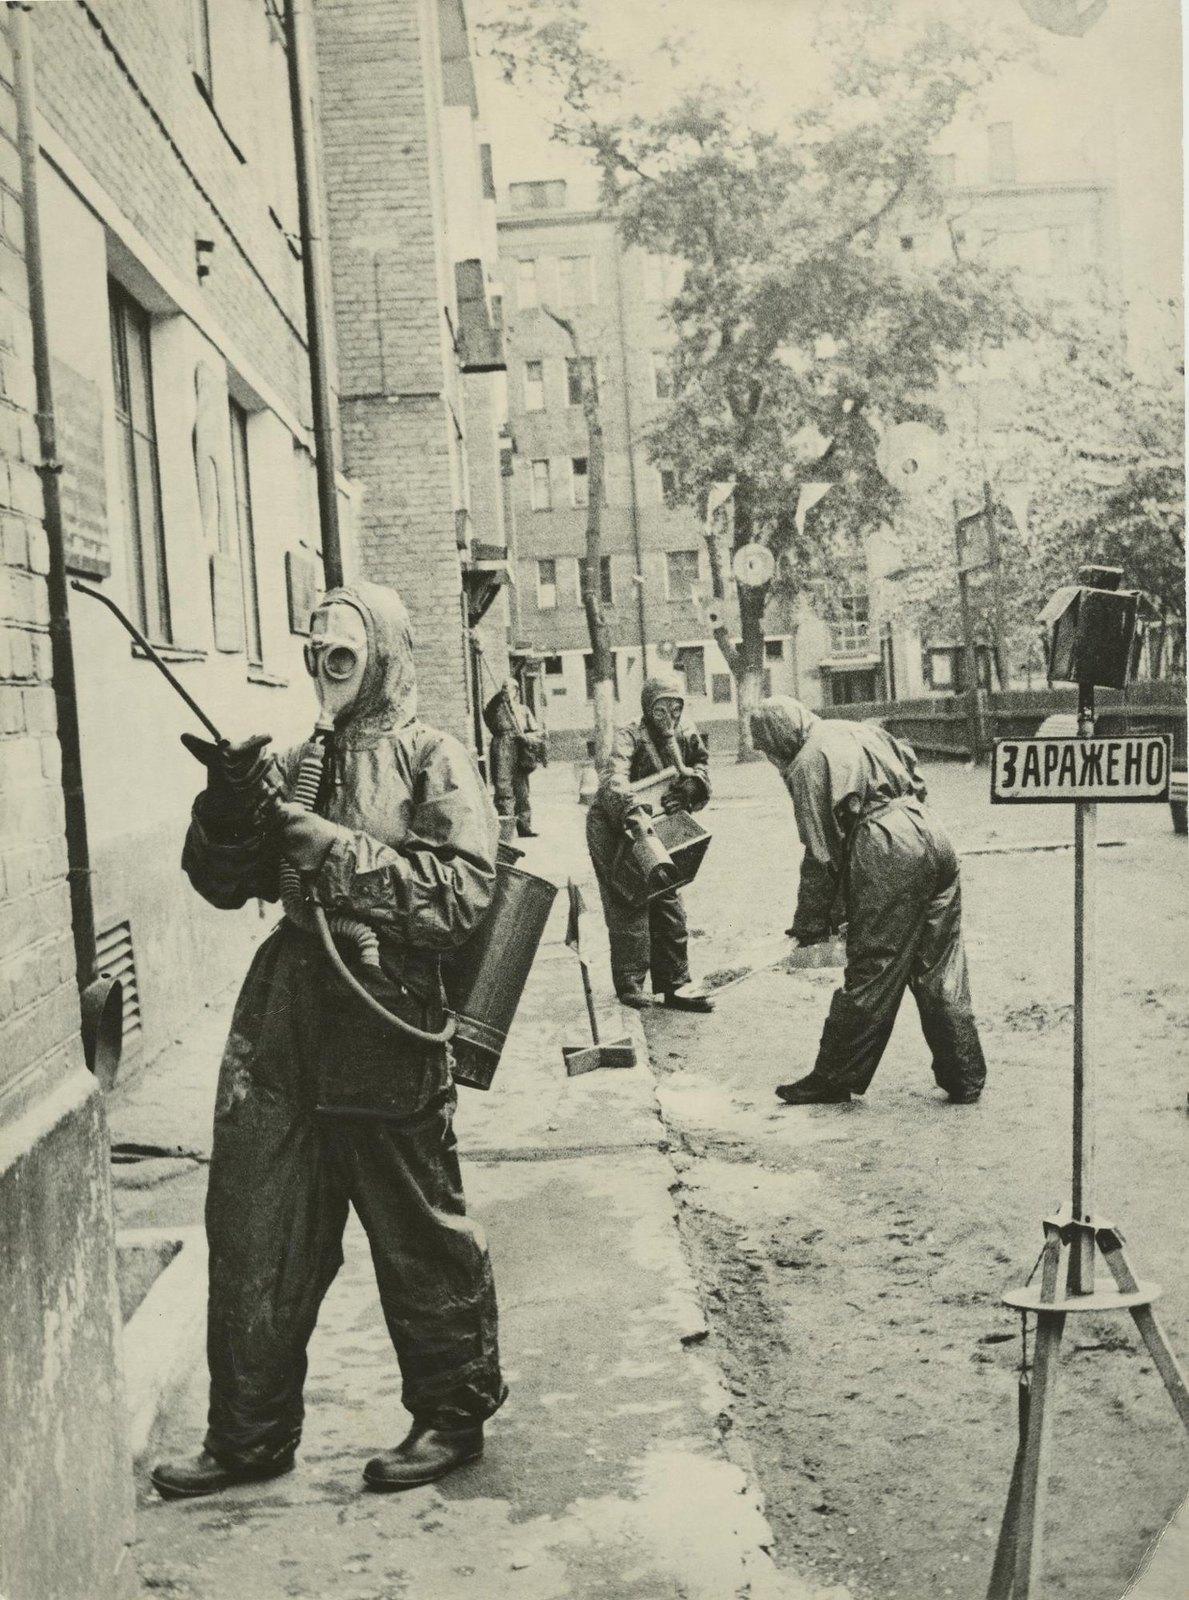 1941. Химическое звено проводит учебную дегазацию «зараженной» местности (на первом плане - домохозяйка т. Панкратова дегазирует стену дома), июнь